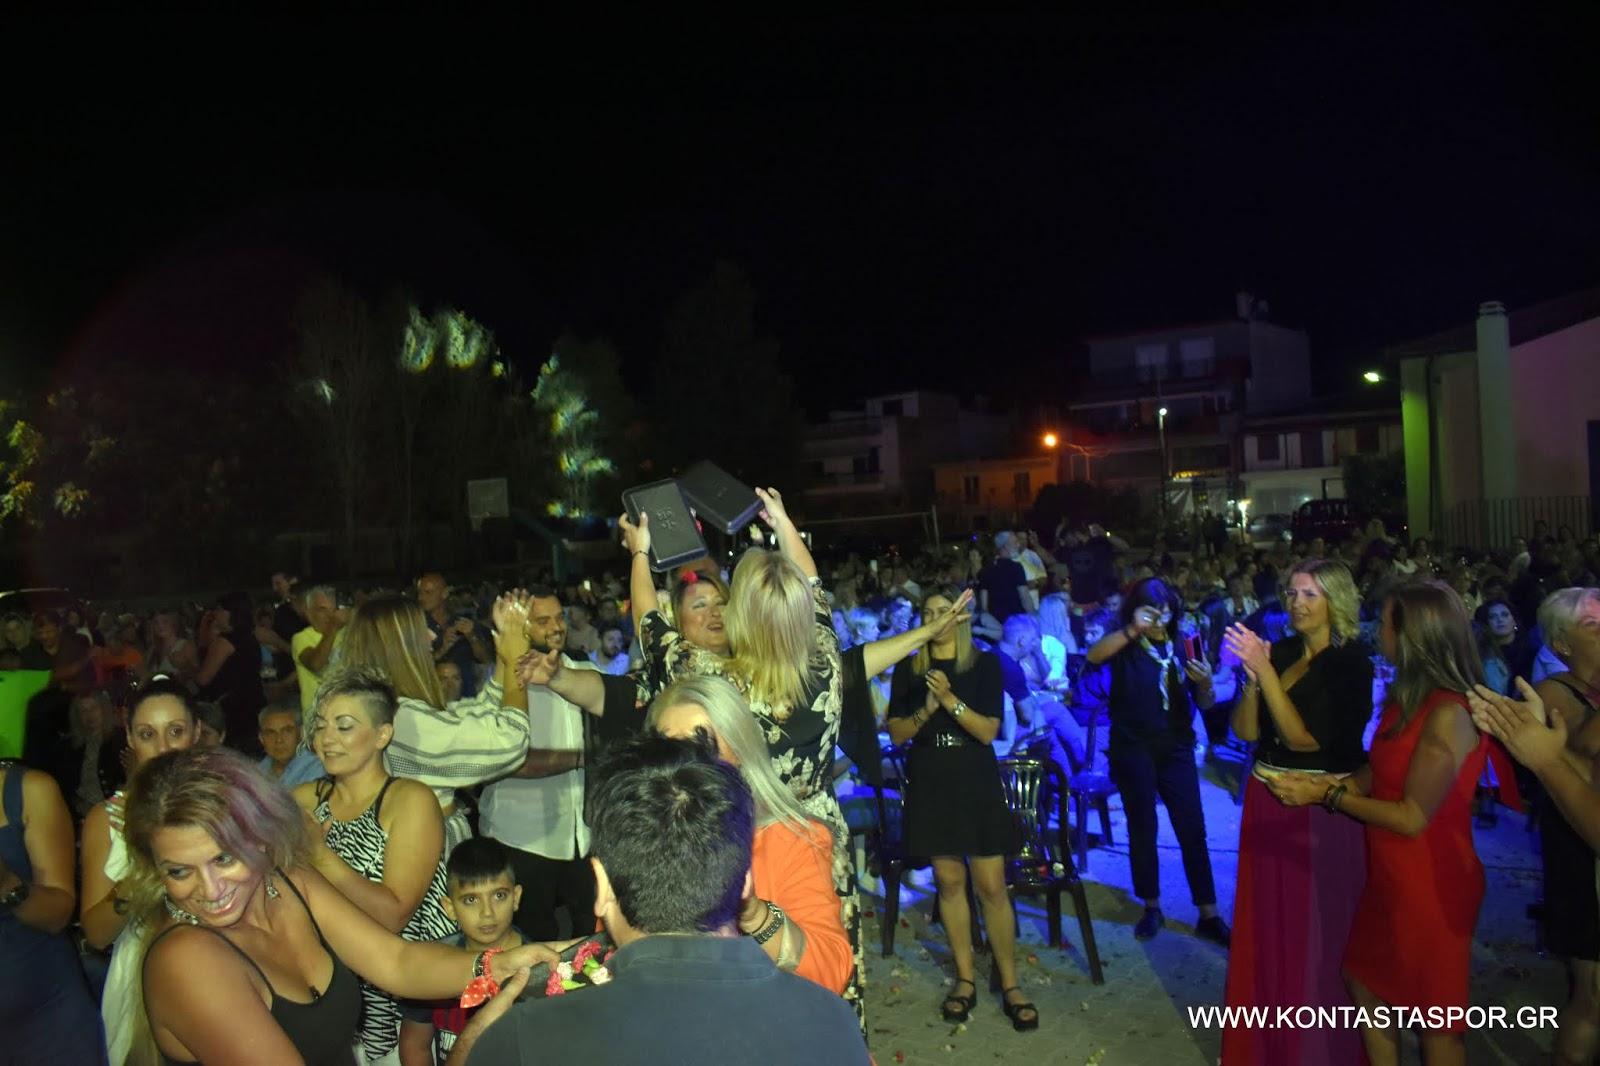 Με επιτυχία η λαική βραδιά  Αδαμαντίδη στα Ψαχνά (φωτογραφίες) 1 DSC 0288